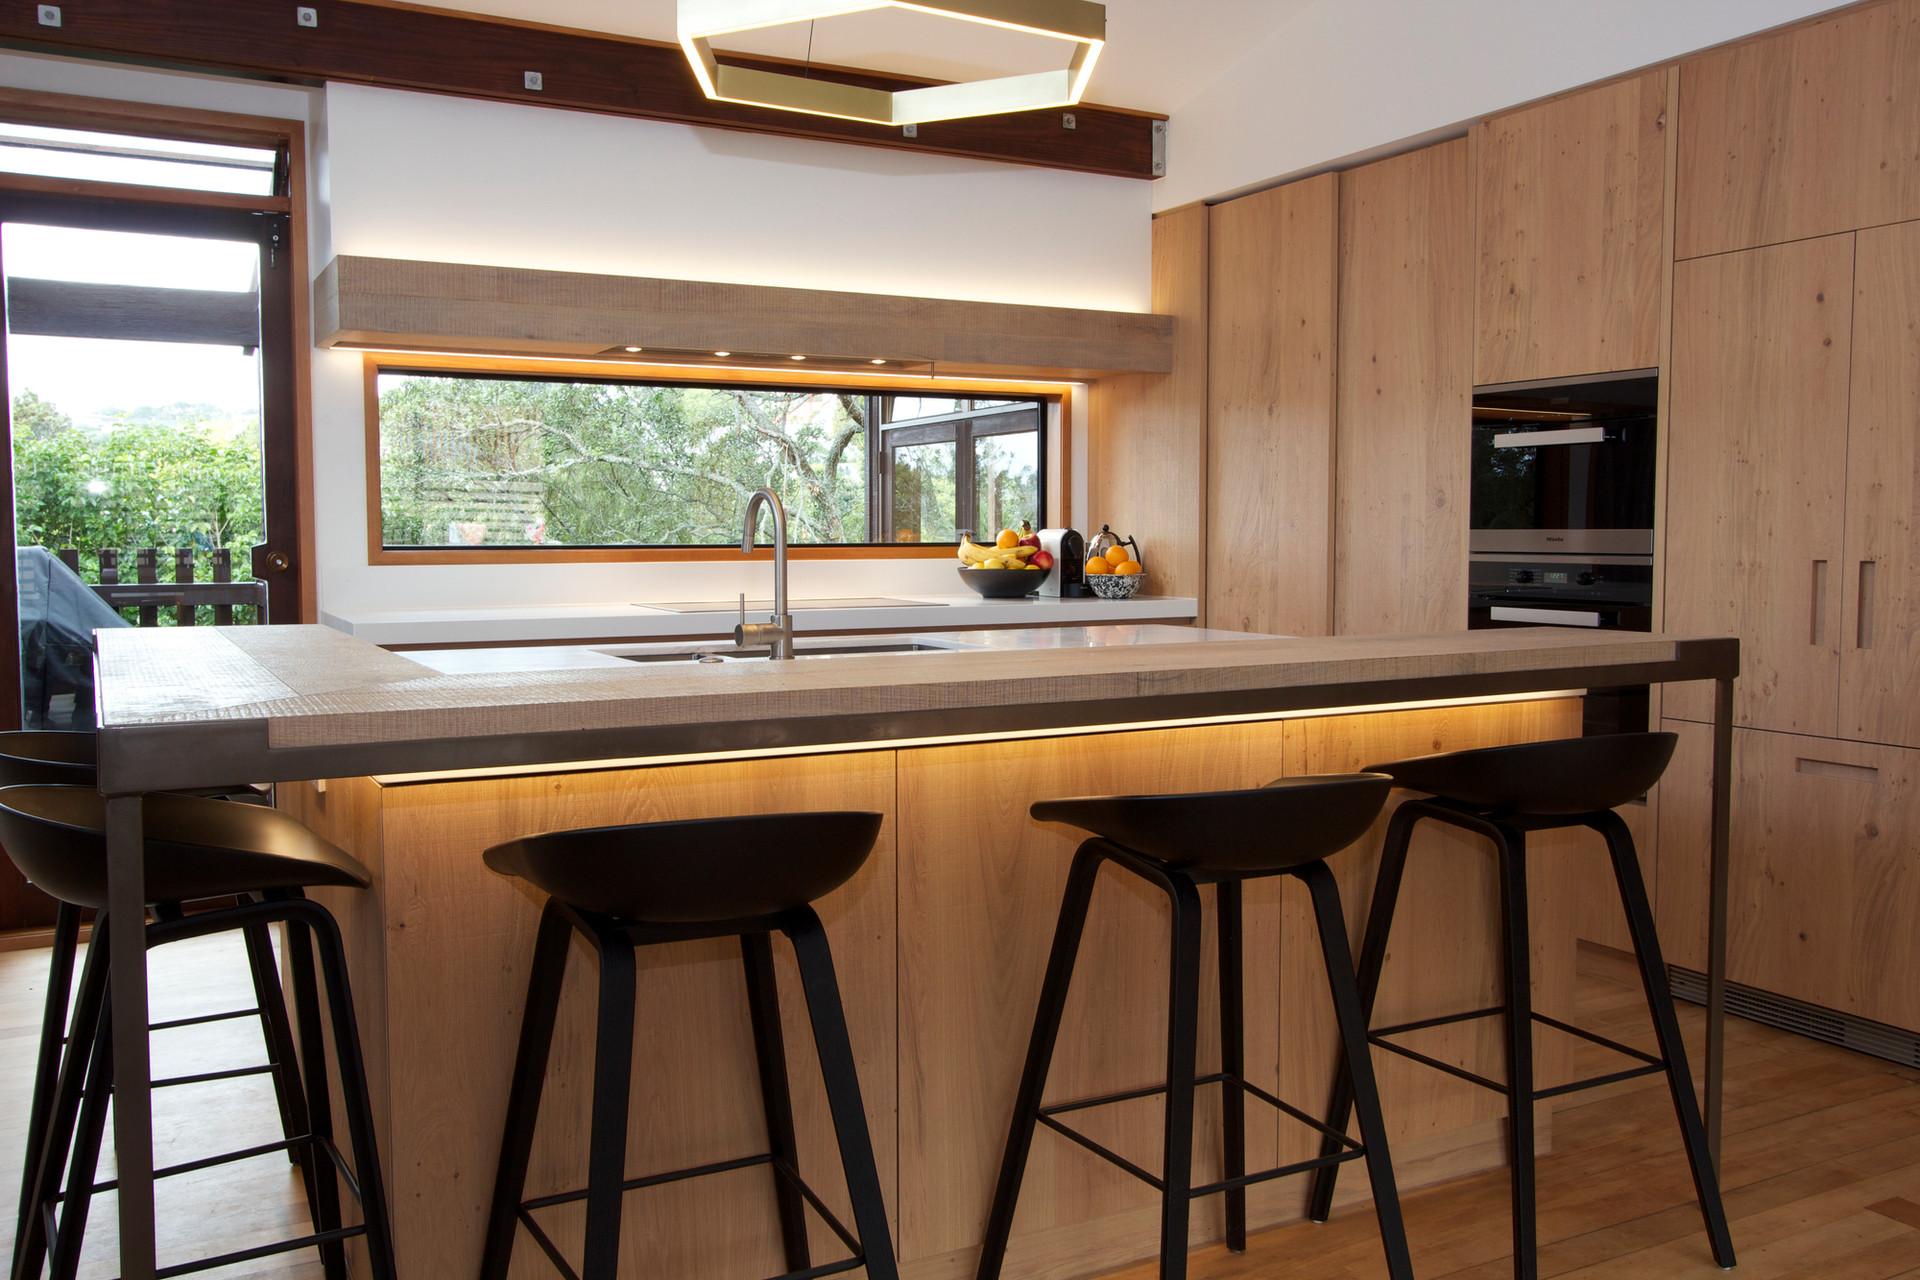 Remuera kitchen